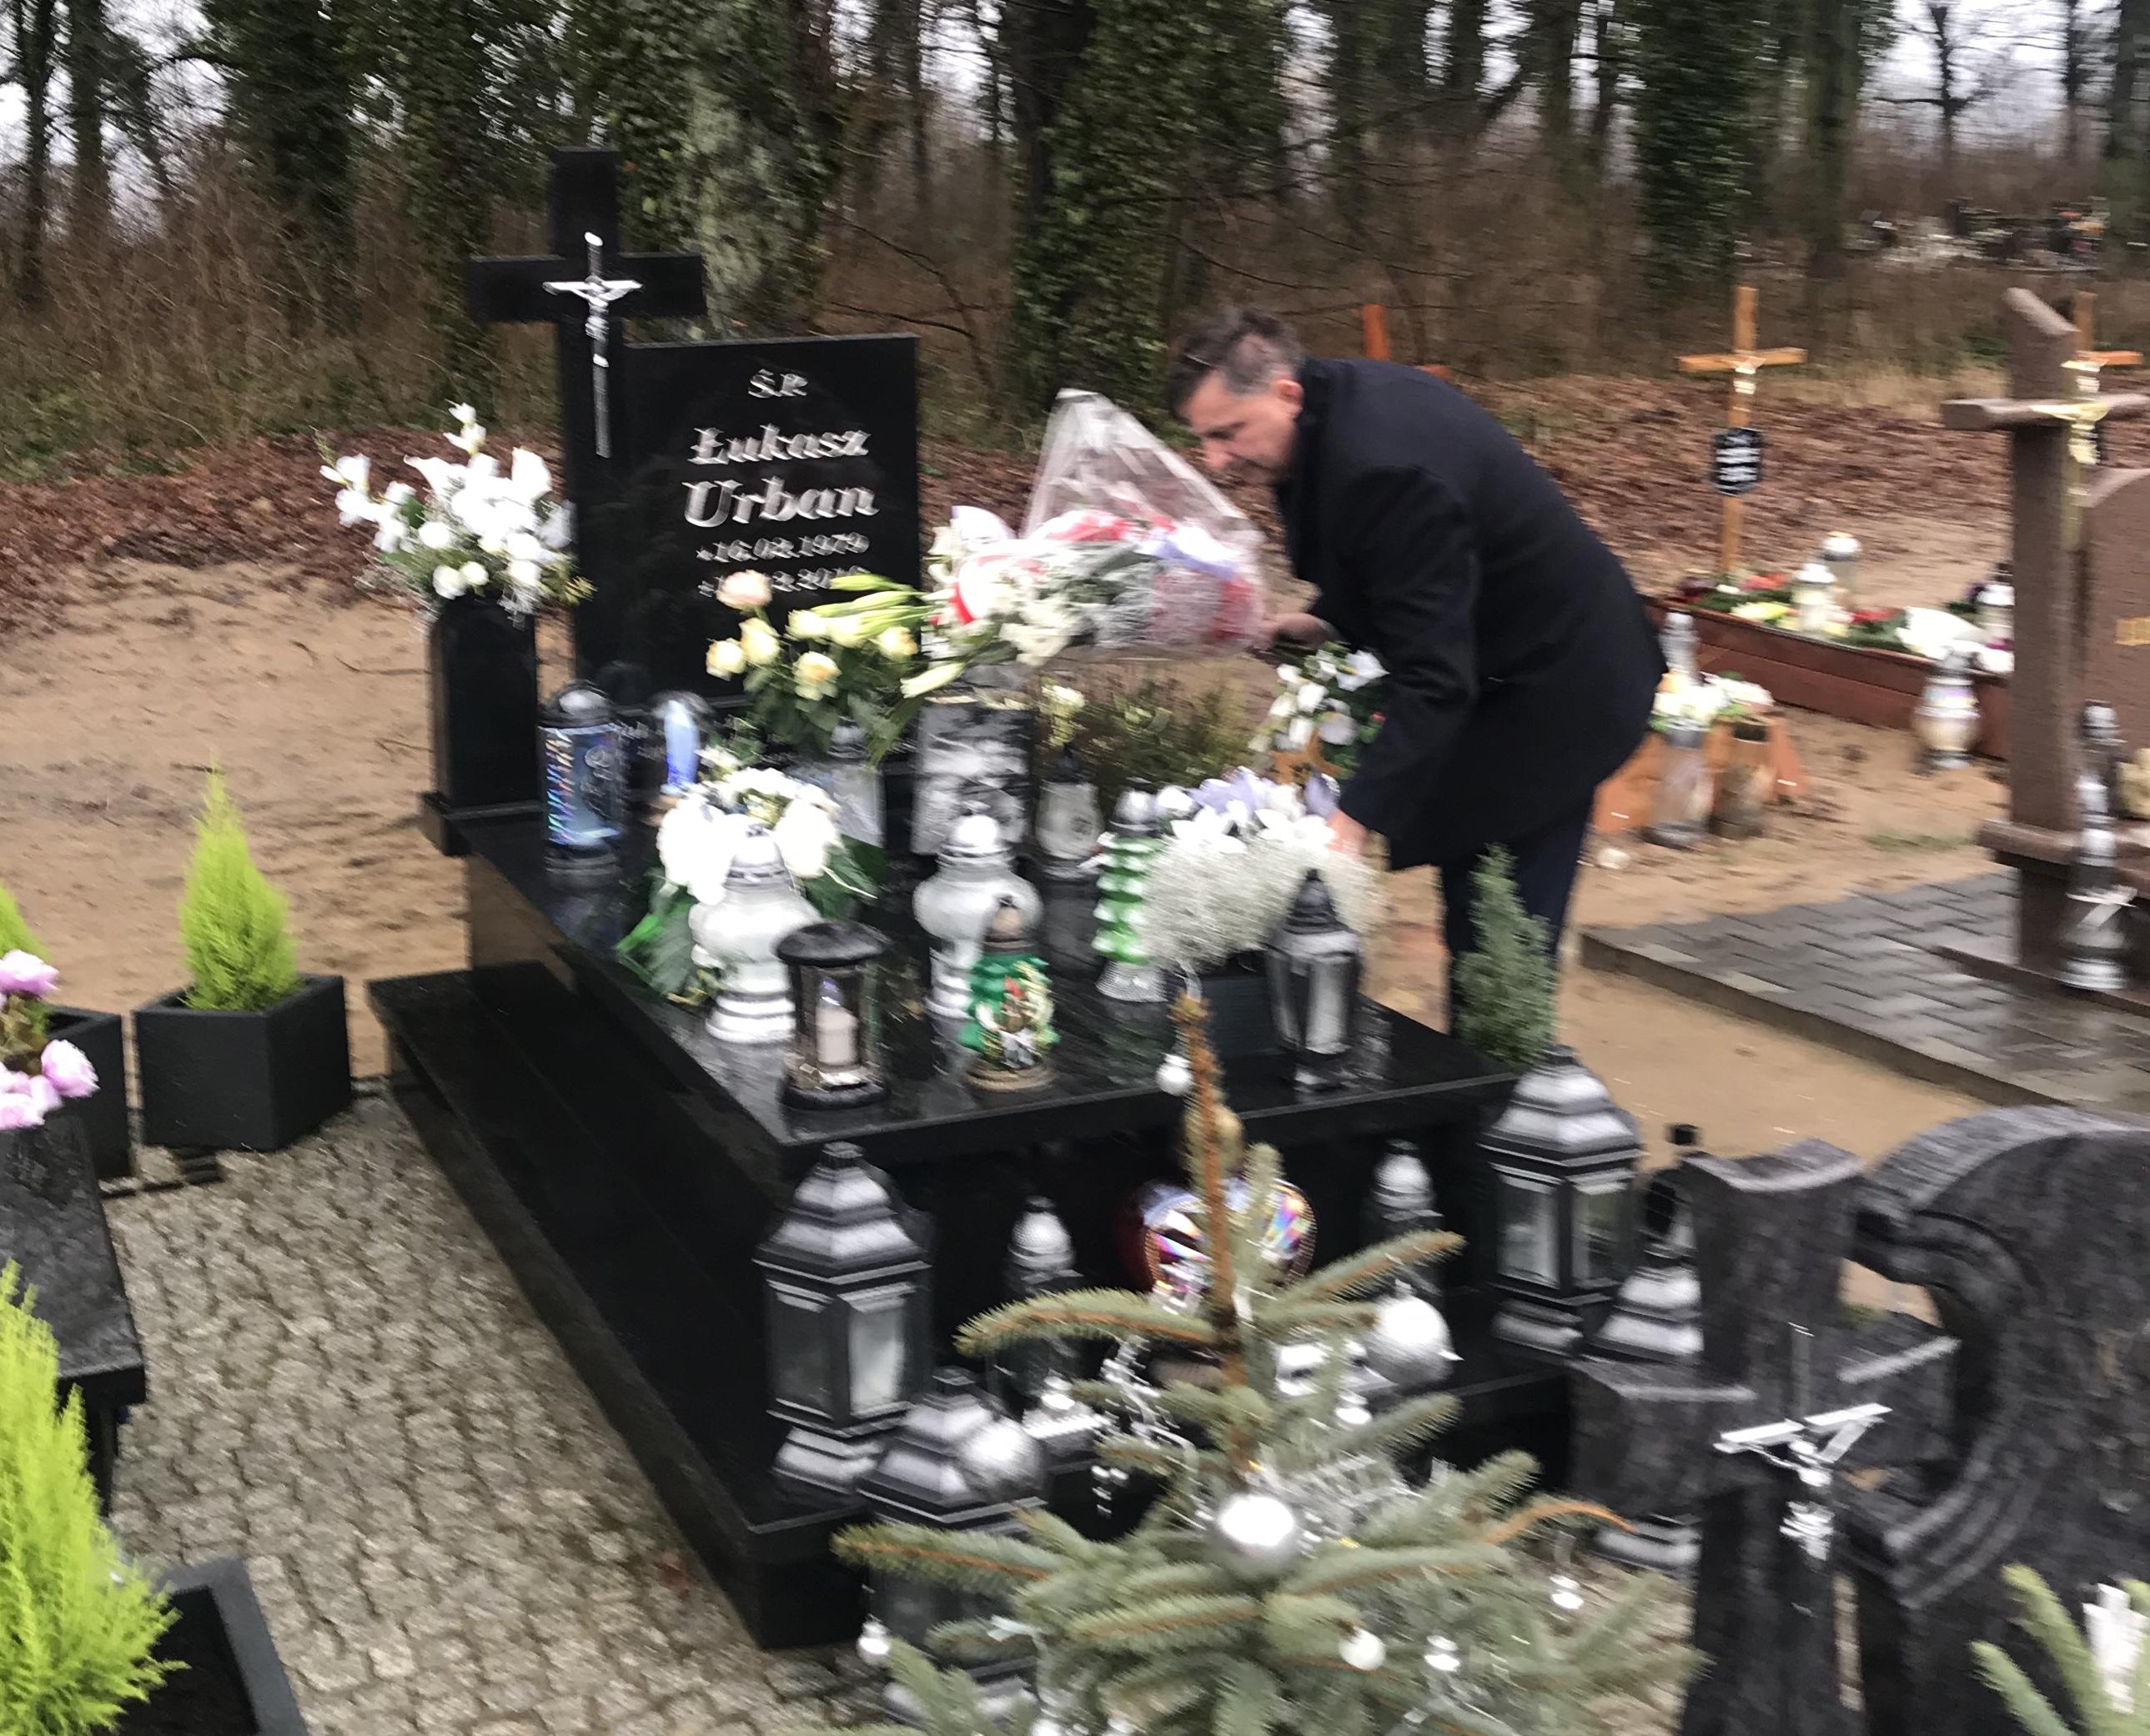 Odwiedziny grobu Łukasza Urbana w Baniach